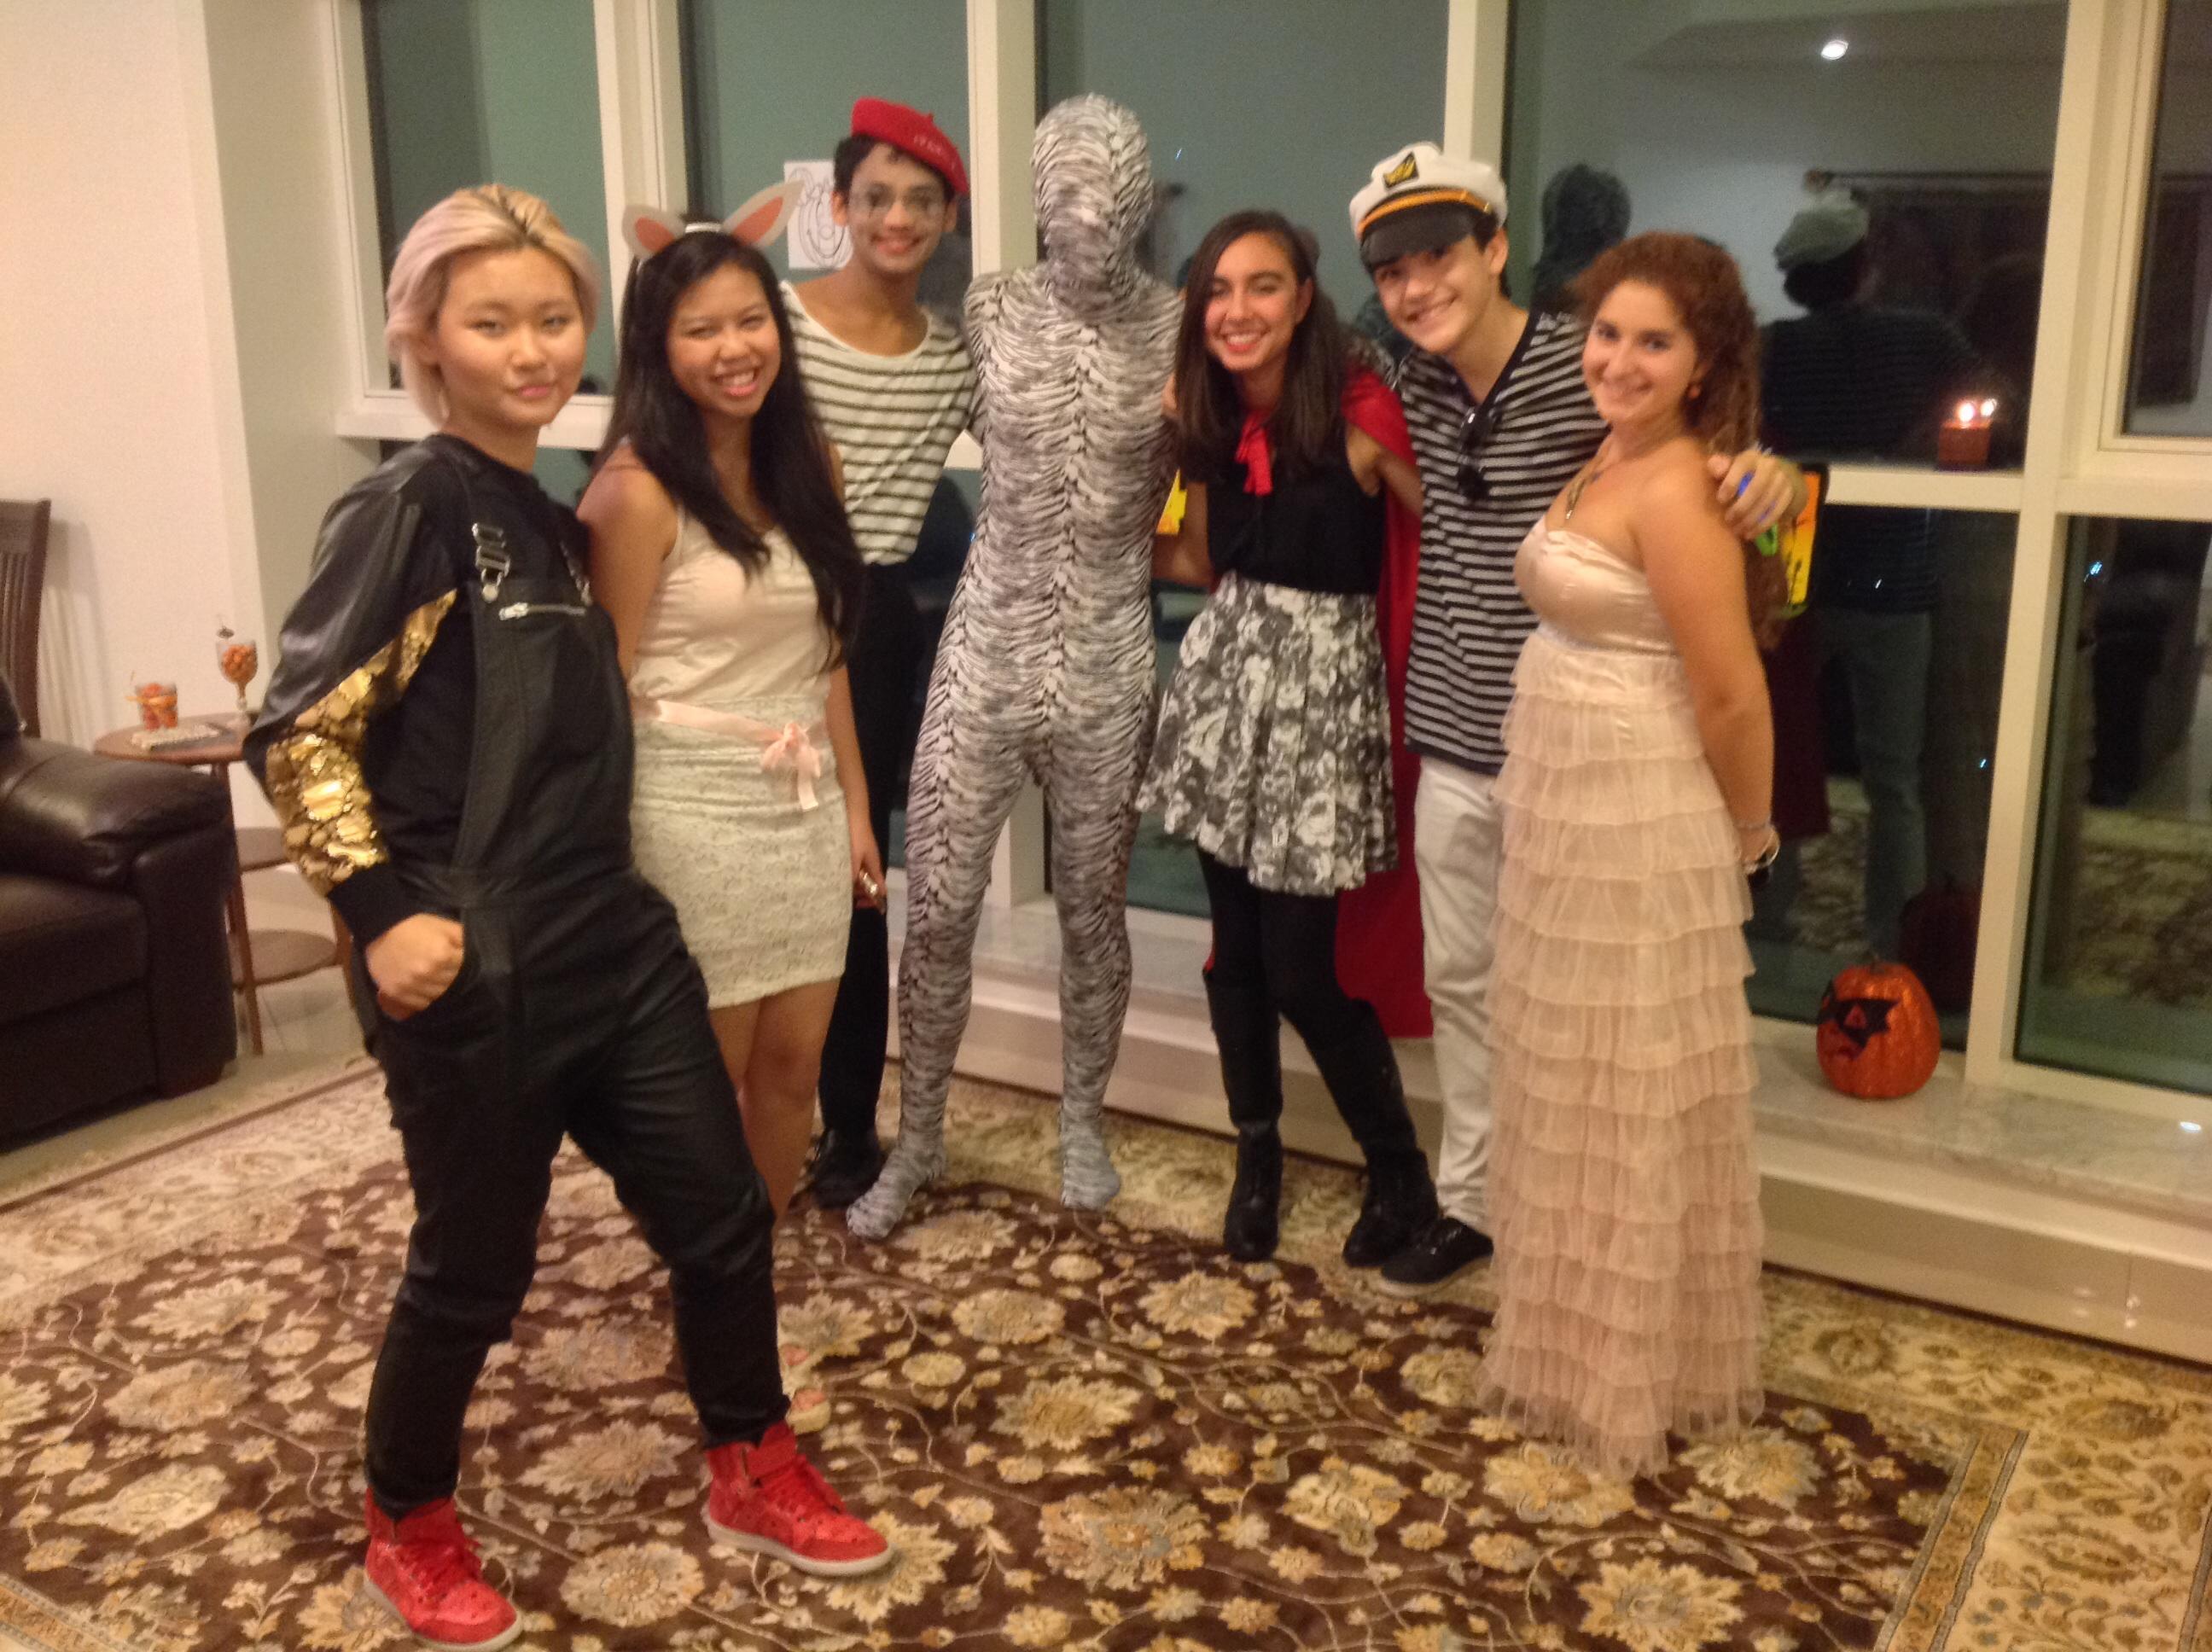 Tara's friends, in costume!